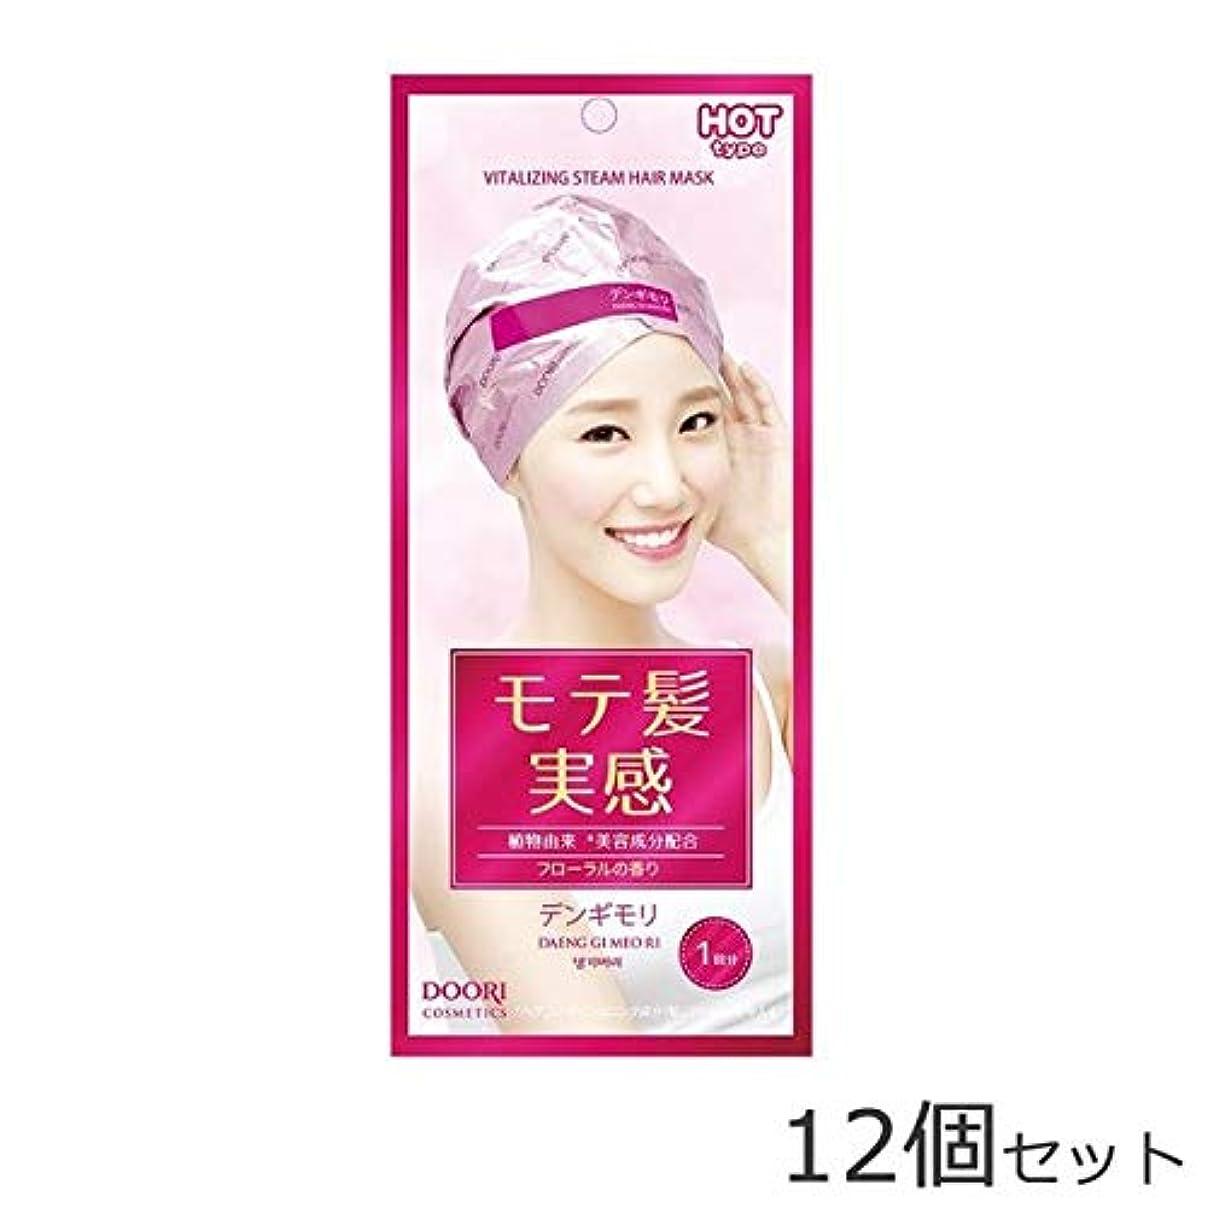 エージェント定常ストロークデンギモリ 珍気 集中ヘアマスク(洗い流すヘアトリートメント) ホットタイプ 12個セット (マスクで簡単にサロンケア)